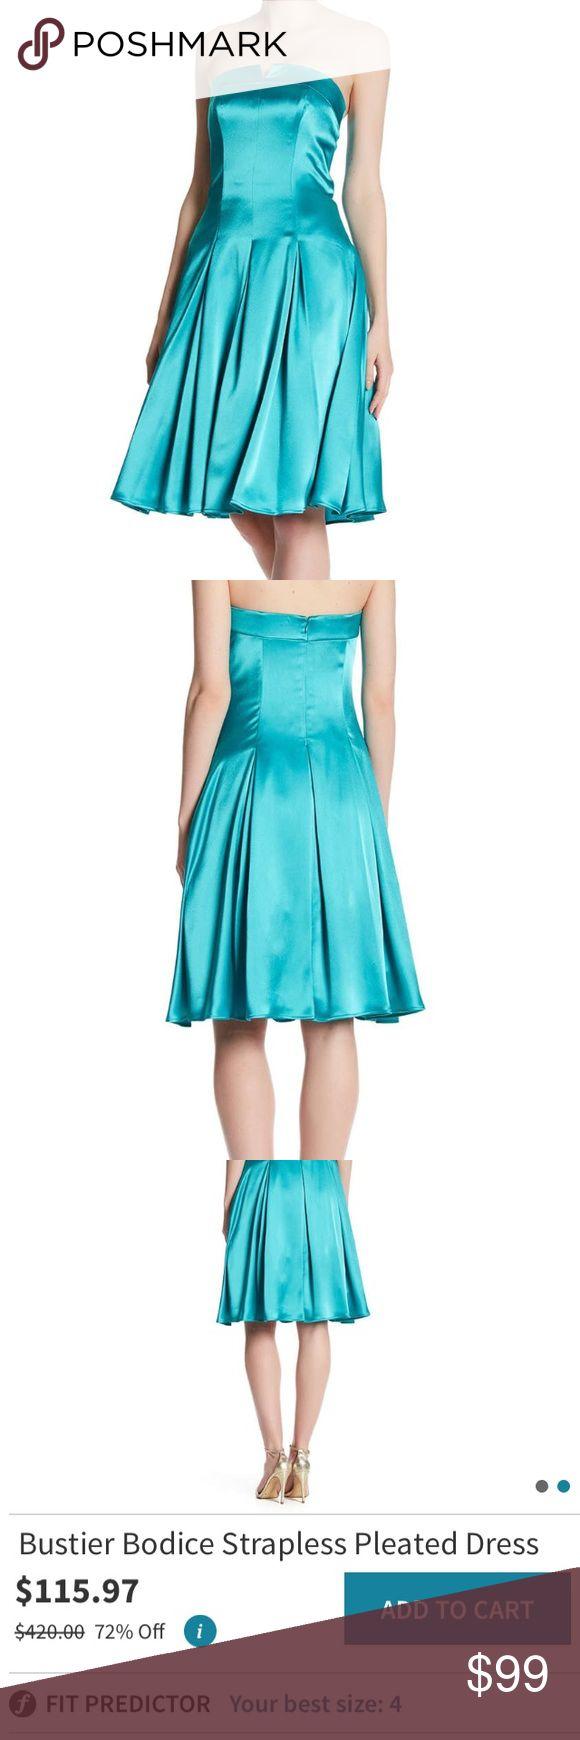 Allen Schwartz teal strapless pleated dress New without tags 😊💗 ABS Allen Schwartz Dresses Midi